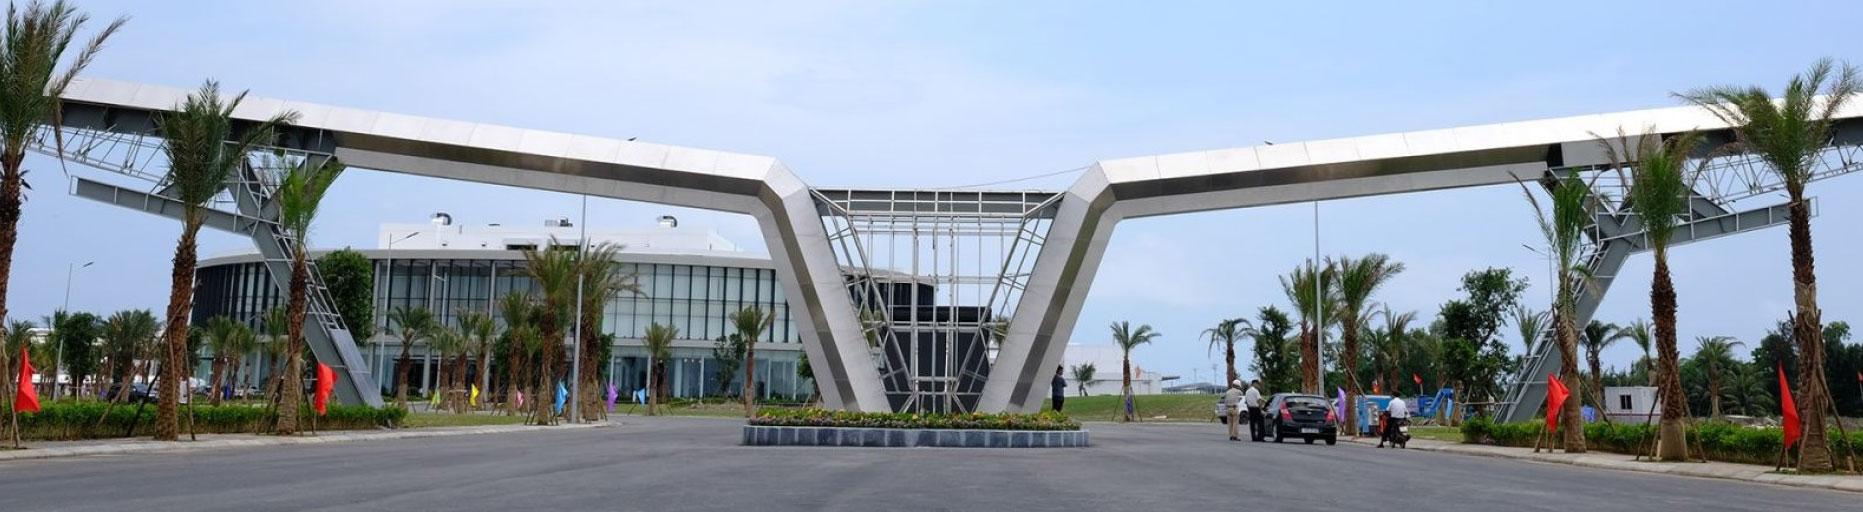 Công trình nhà máy VinFast